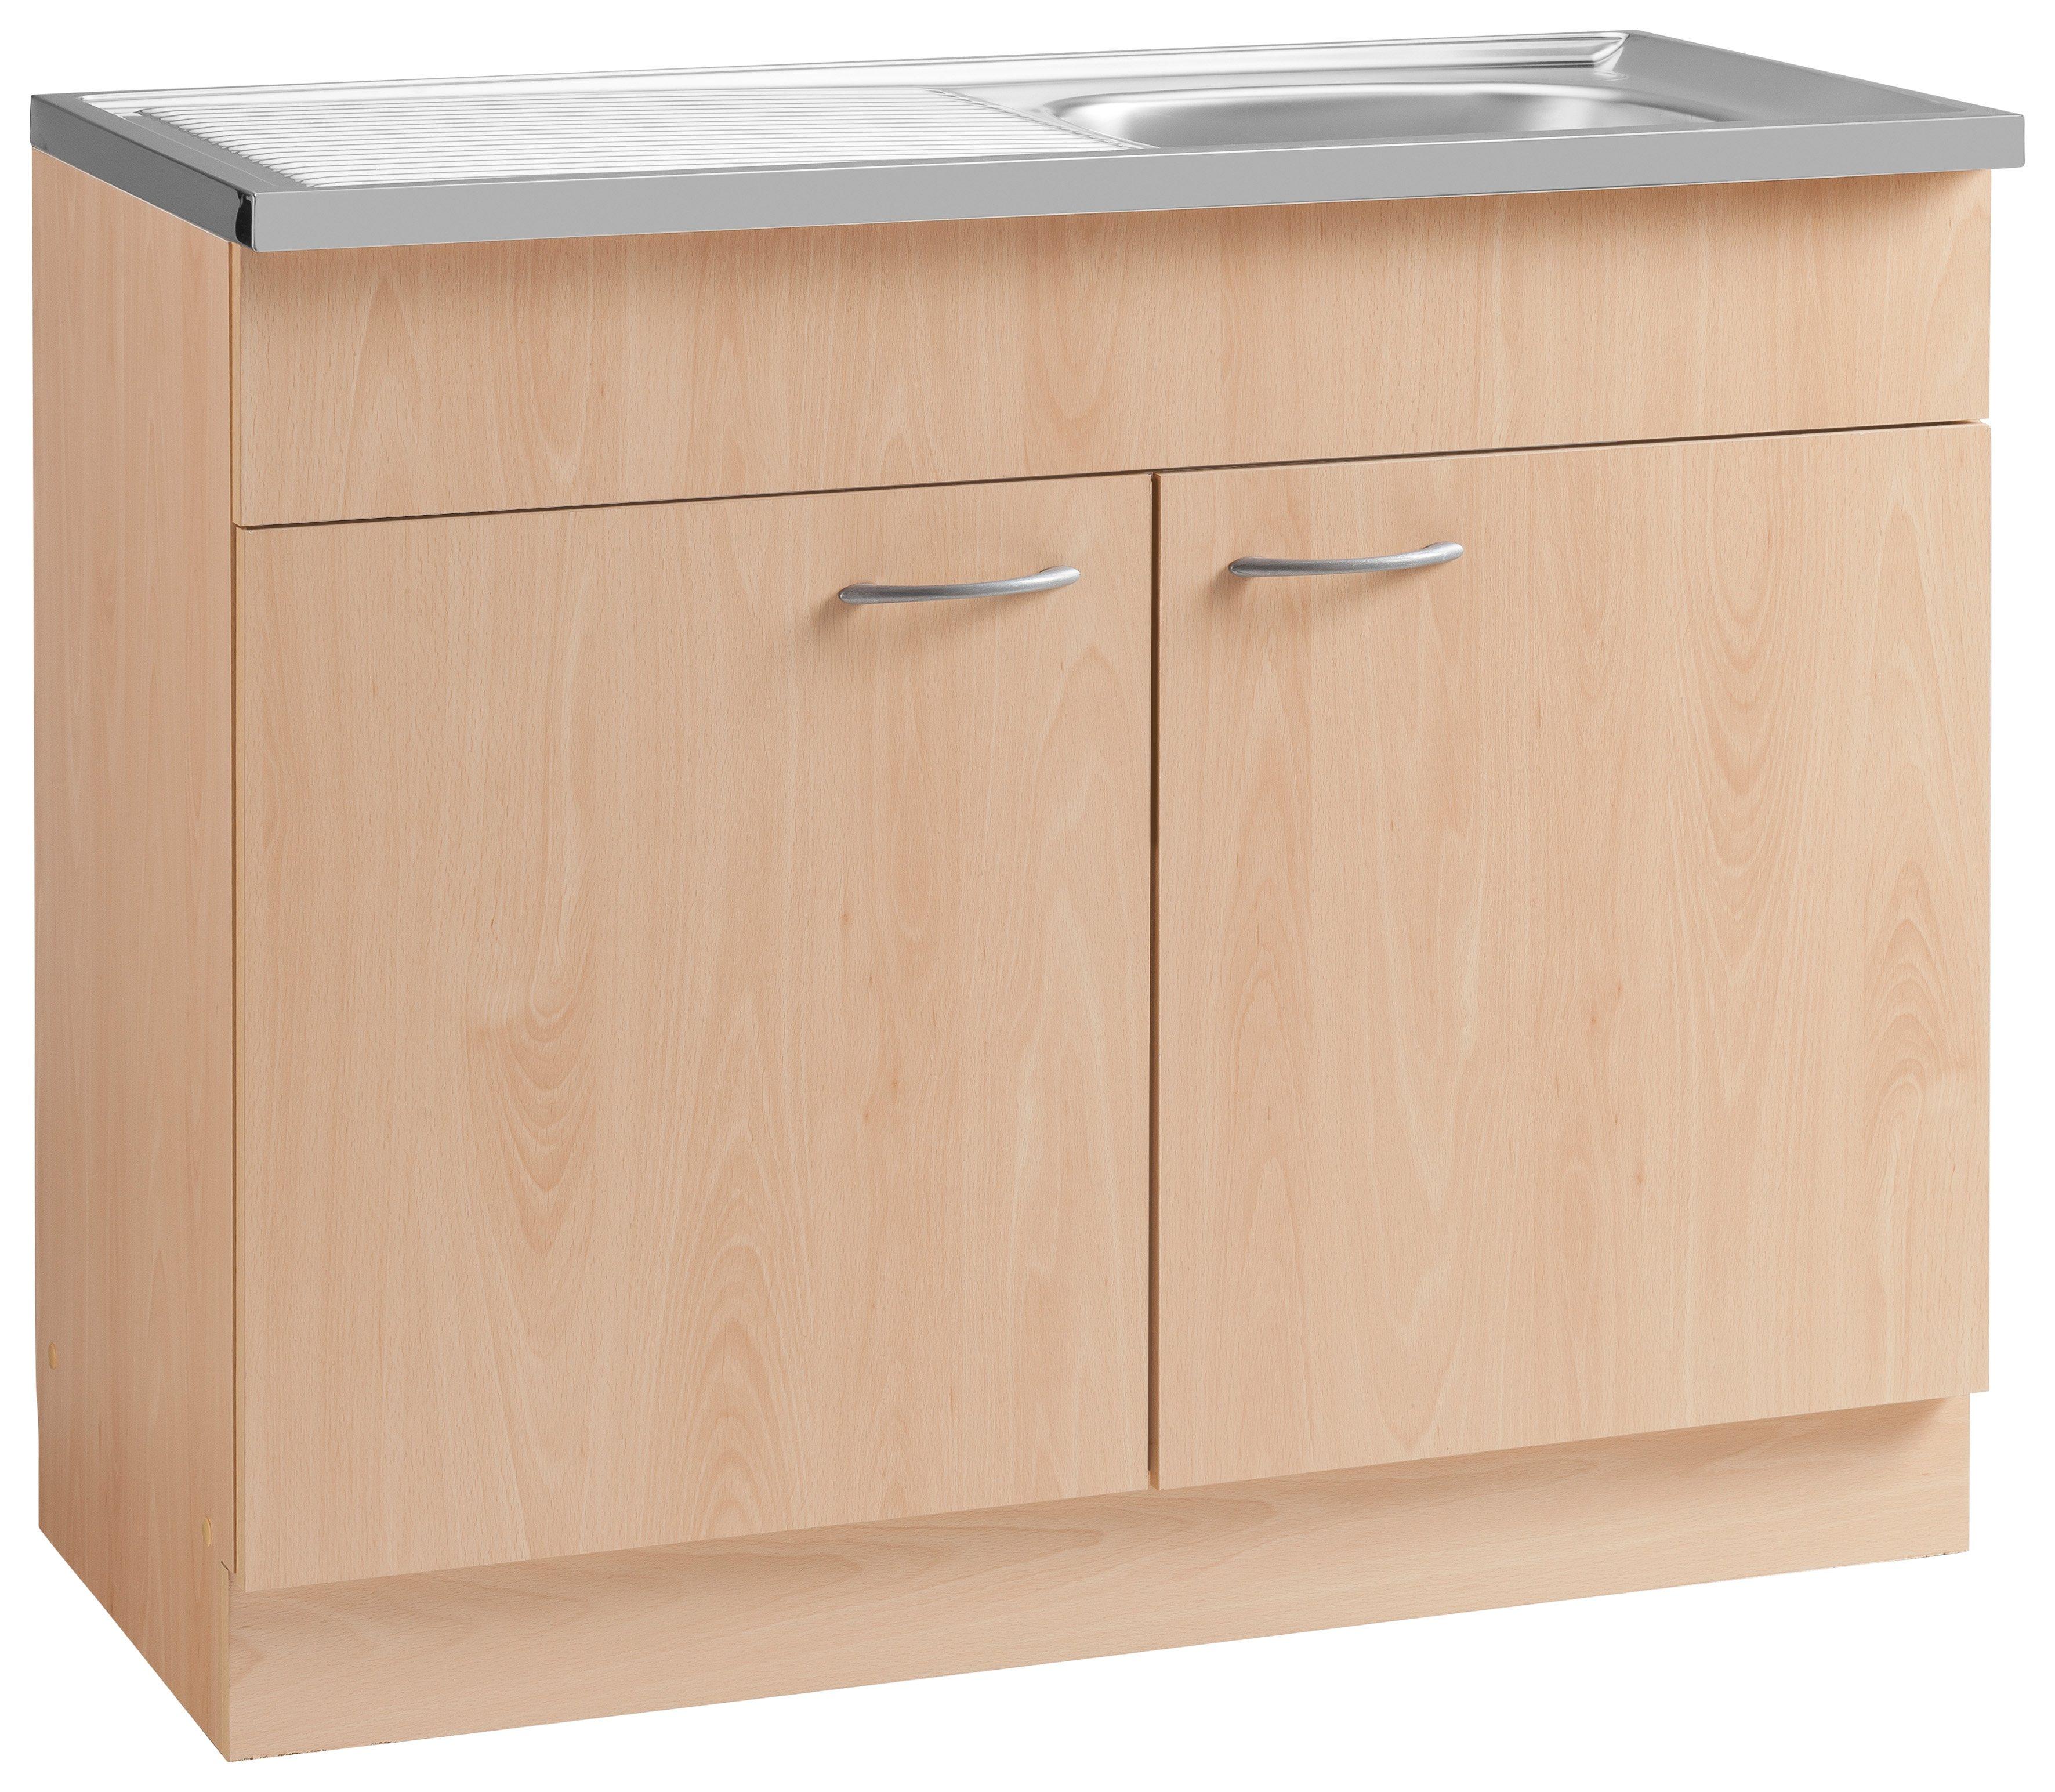 Spülenschrank »Kiel« | Küche und Esszimmer > Küchenschränke > Spülenschränke | Weiß - Hellgrau | Buche - Melamin | wiho Küchen